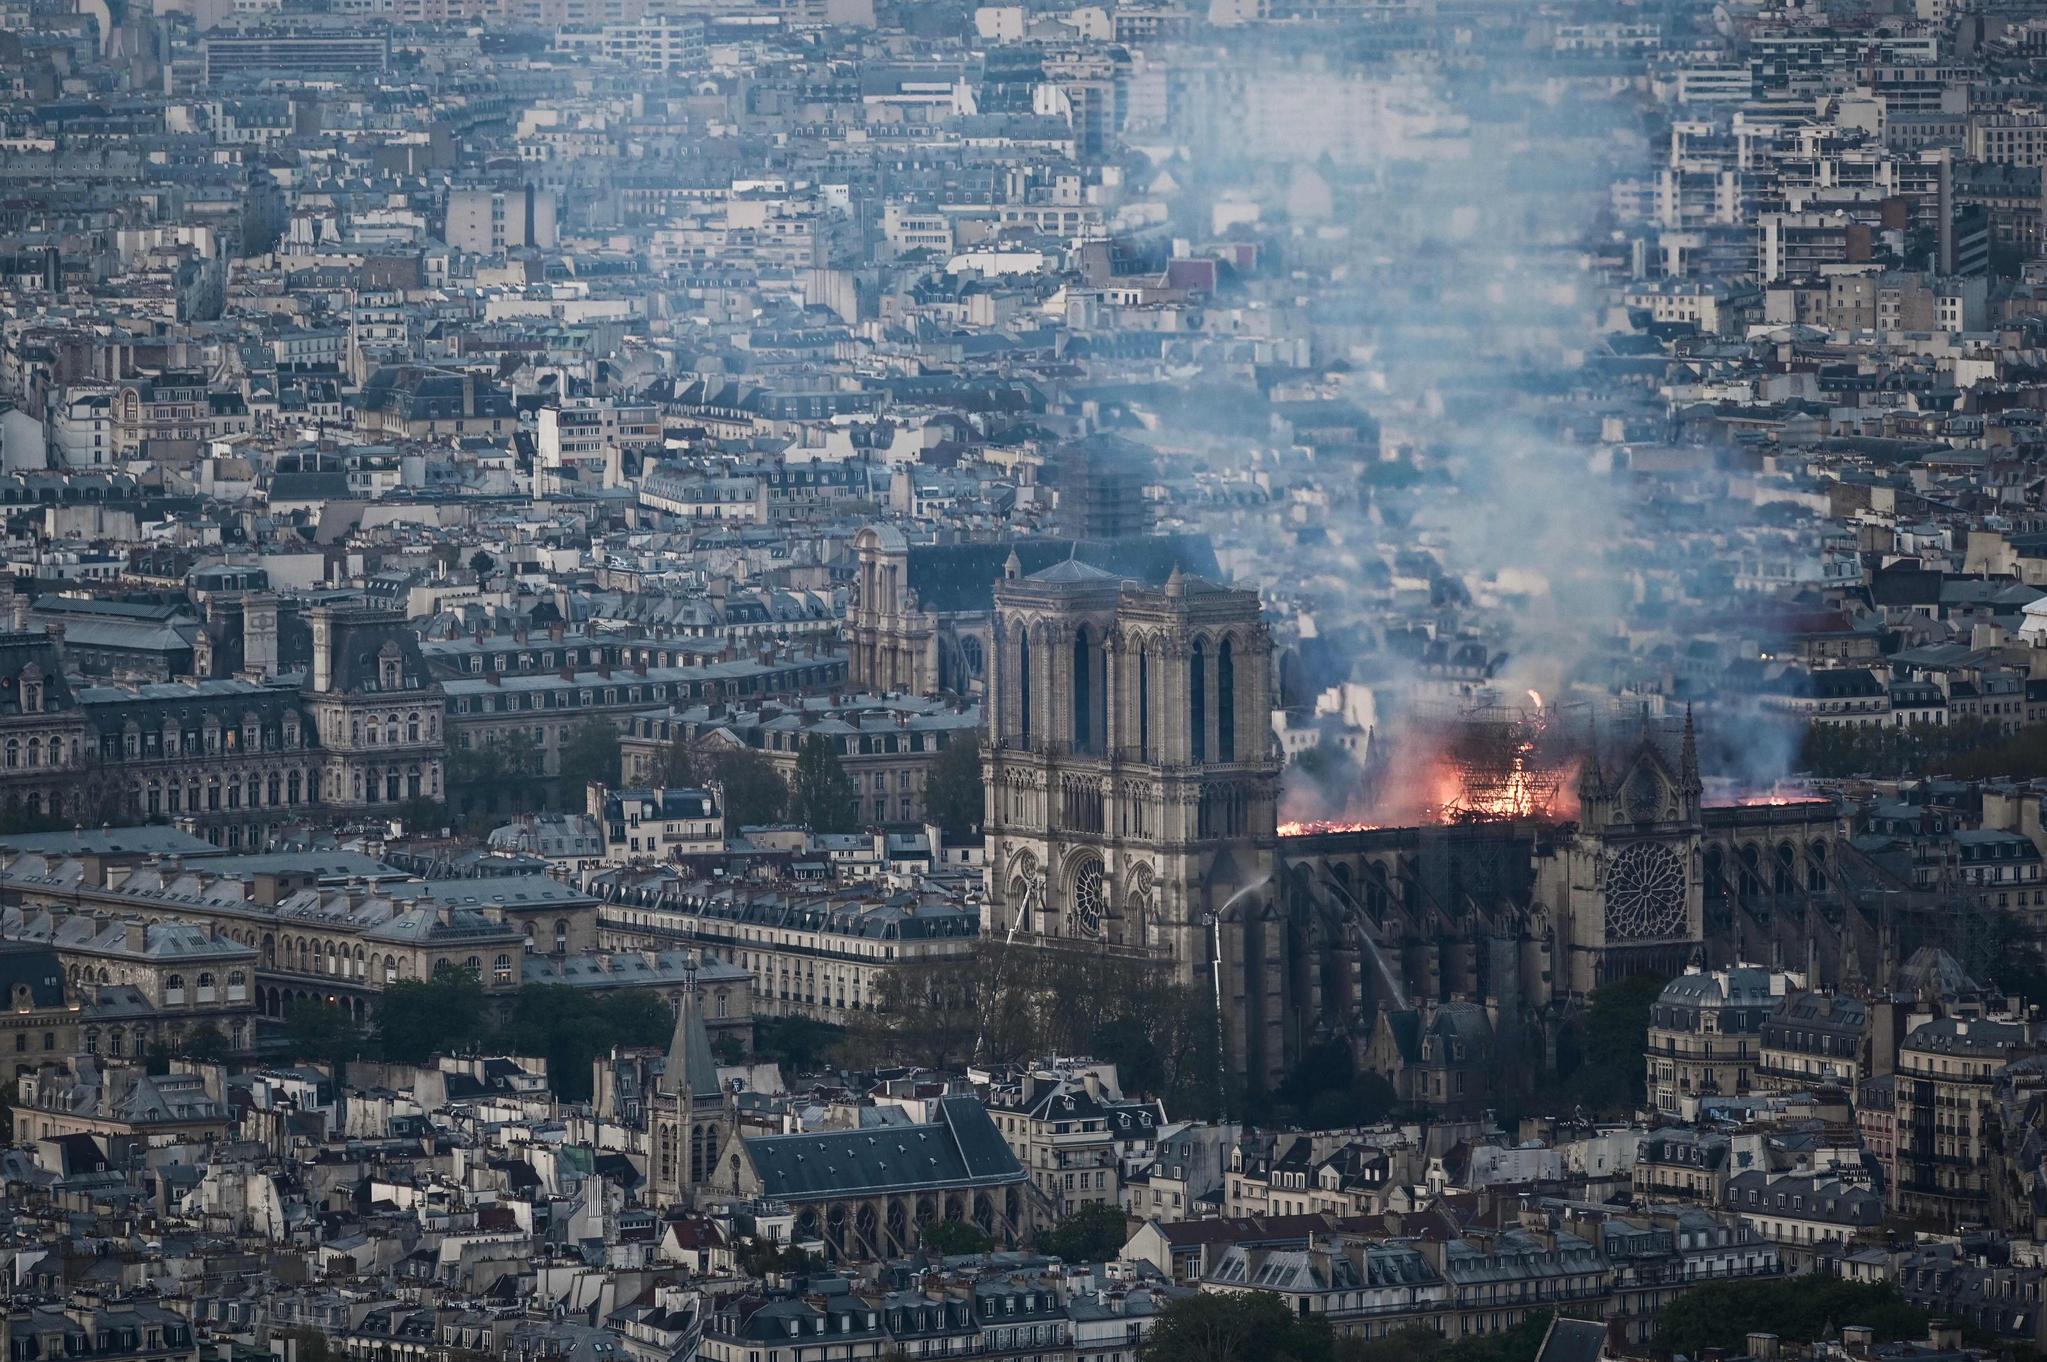 15일(현지시간) 파리 중심부에 있는 노트르담 대성당에 발생한 화재로 연기와 불꽃이 피어오르고 있다. [AFP=연합뉴스]